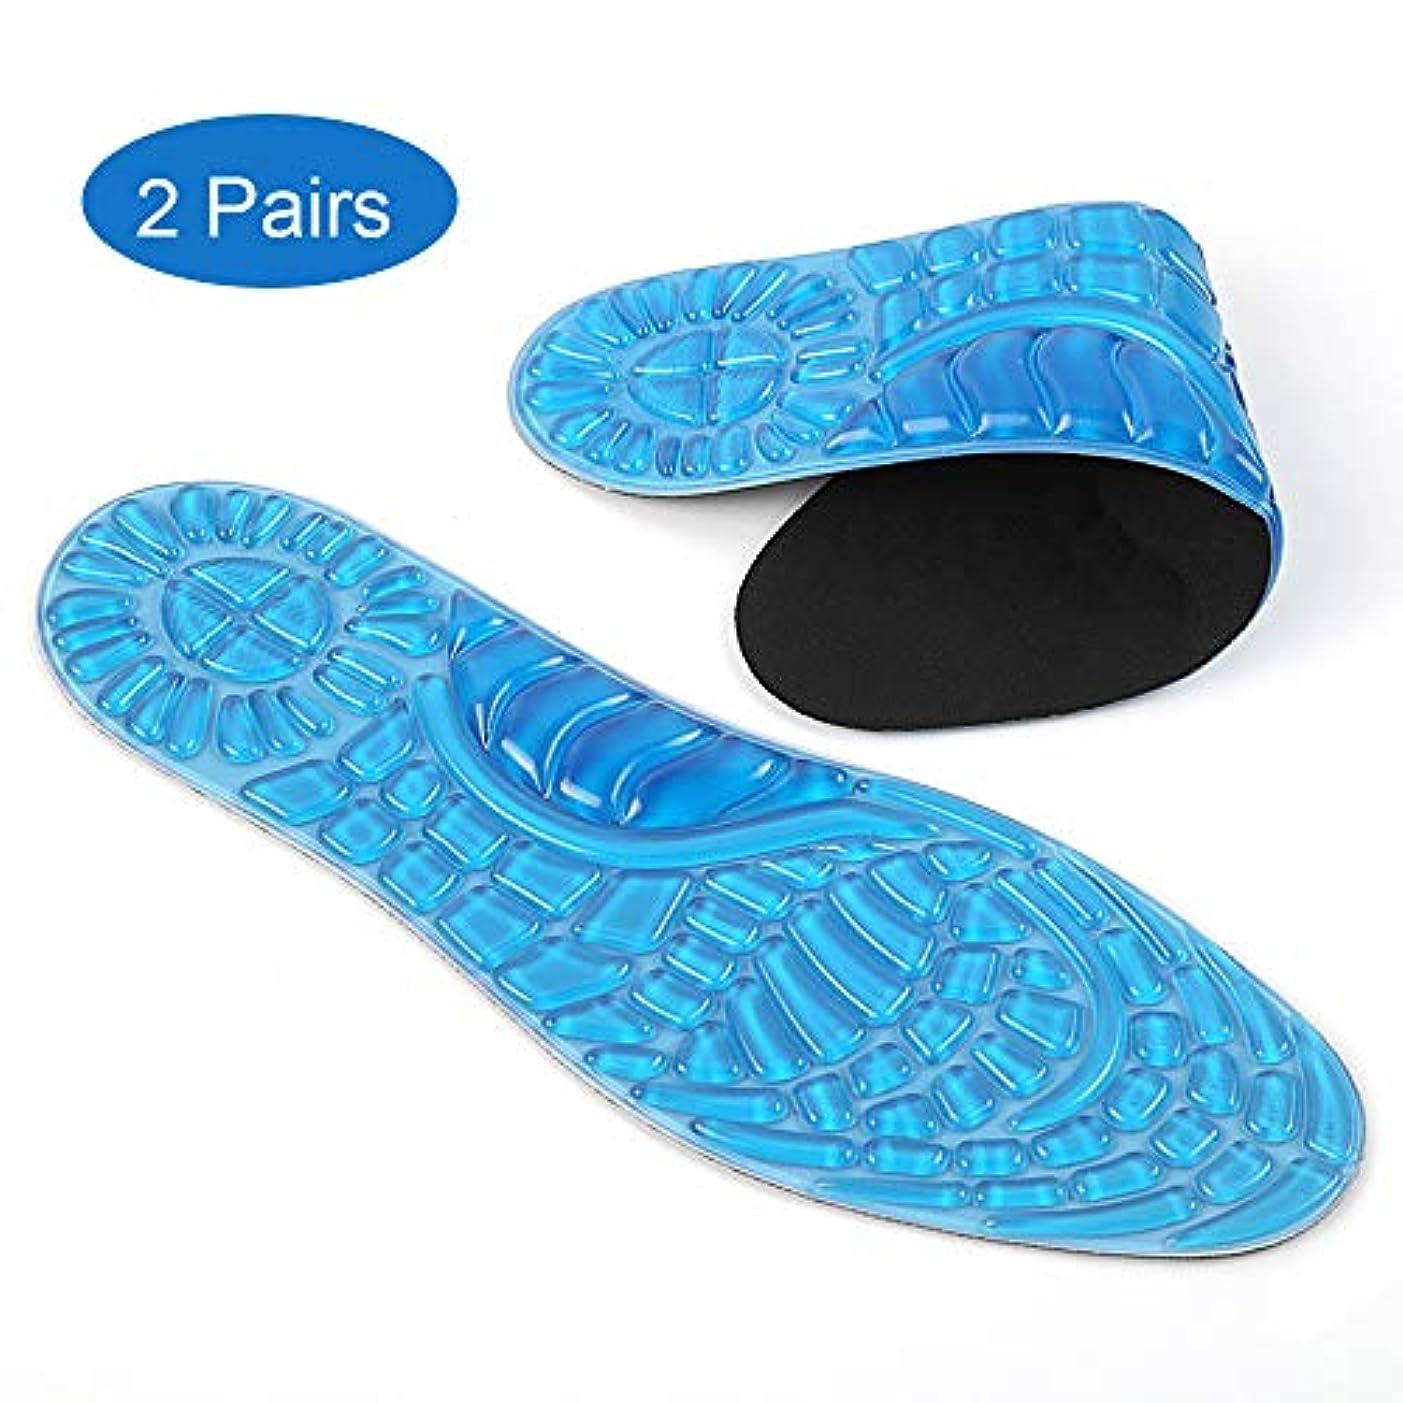 栄光革命的一時的スポーツ装具インソール2足、フットマッサージインソールは汗を吸収します柔らかく通気性があり、フィットネス、ランニング、テニスに適した足底圧を緩和します,S